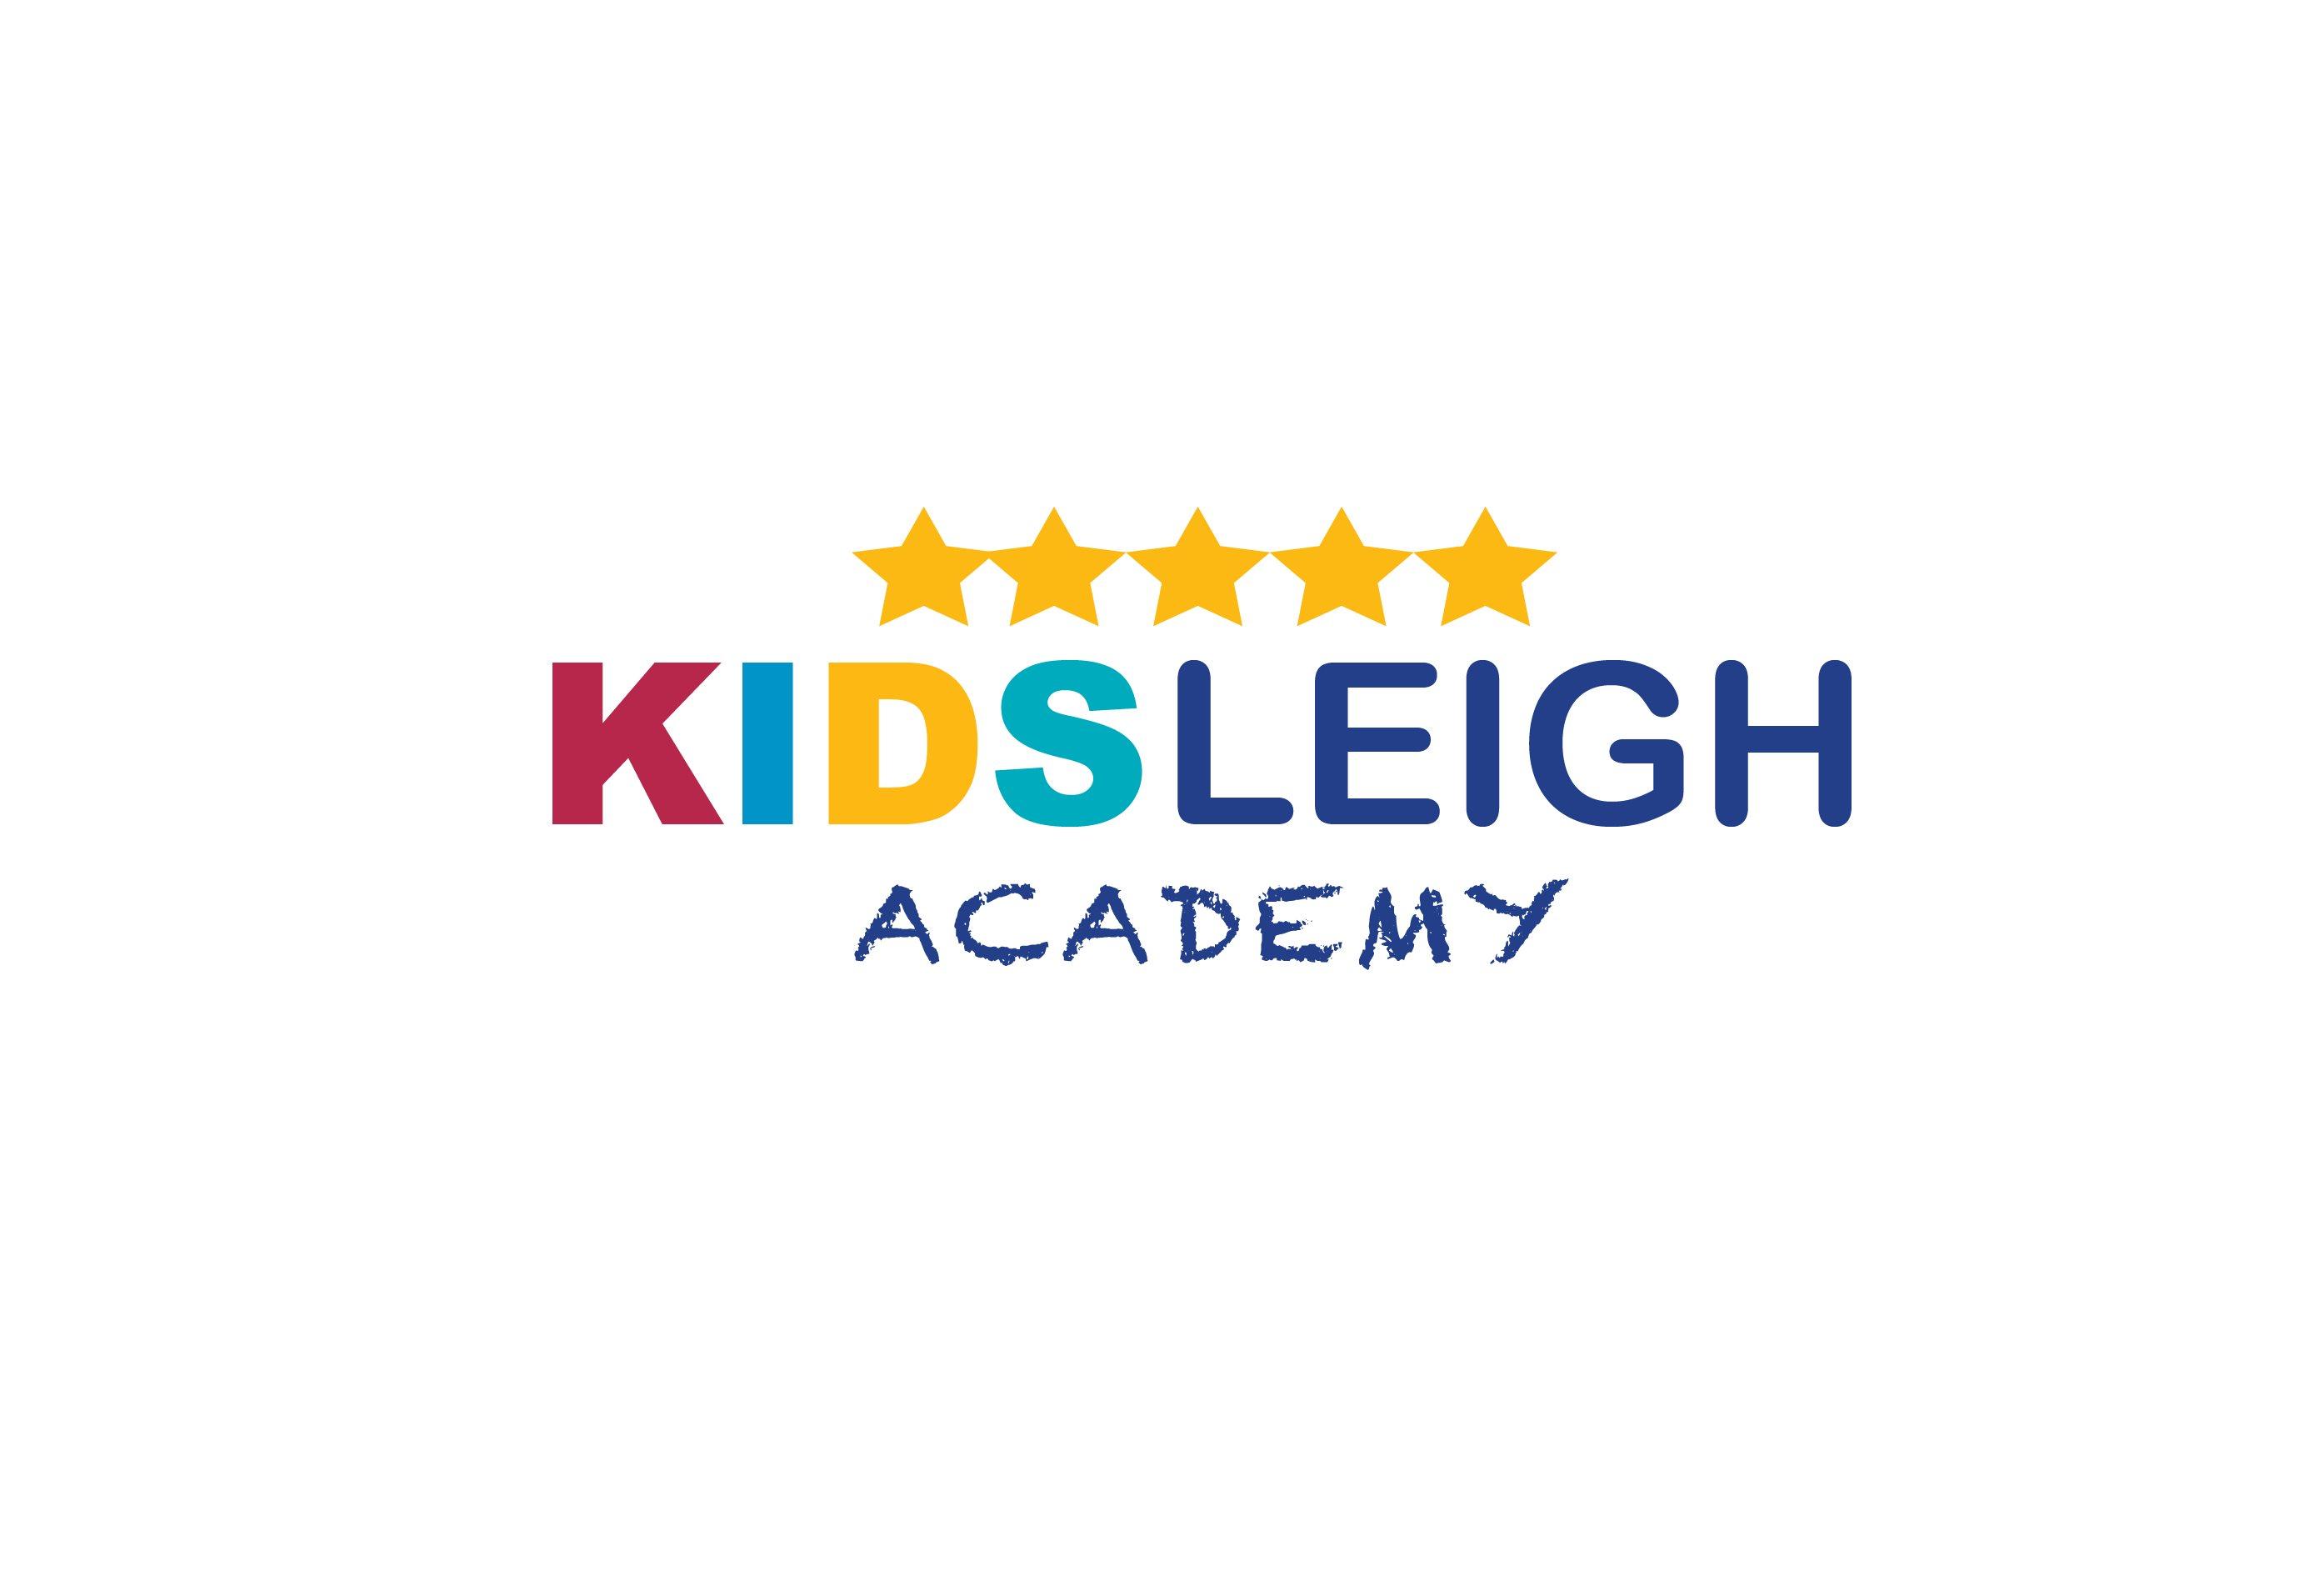 Kidsleigh Academy